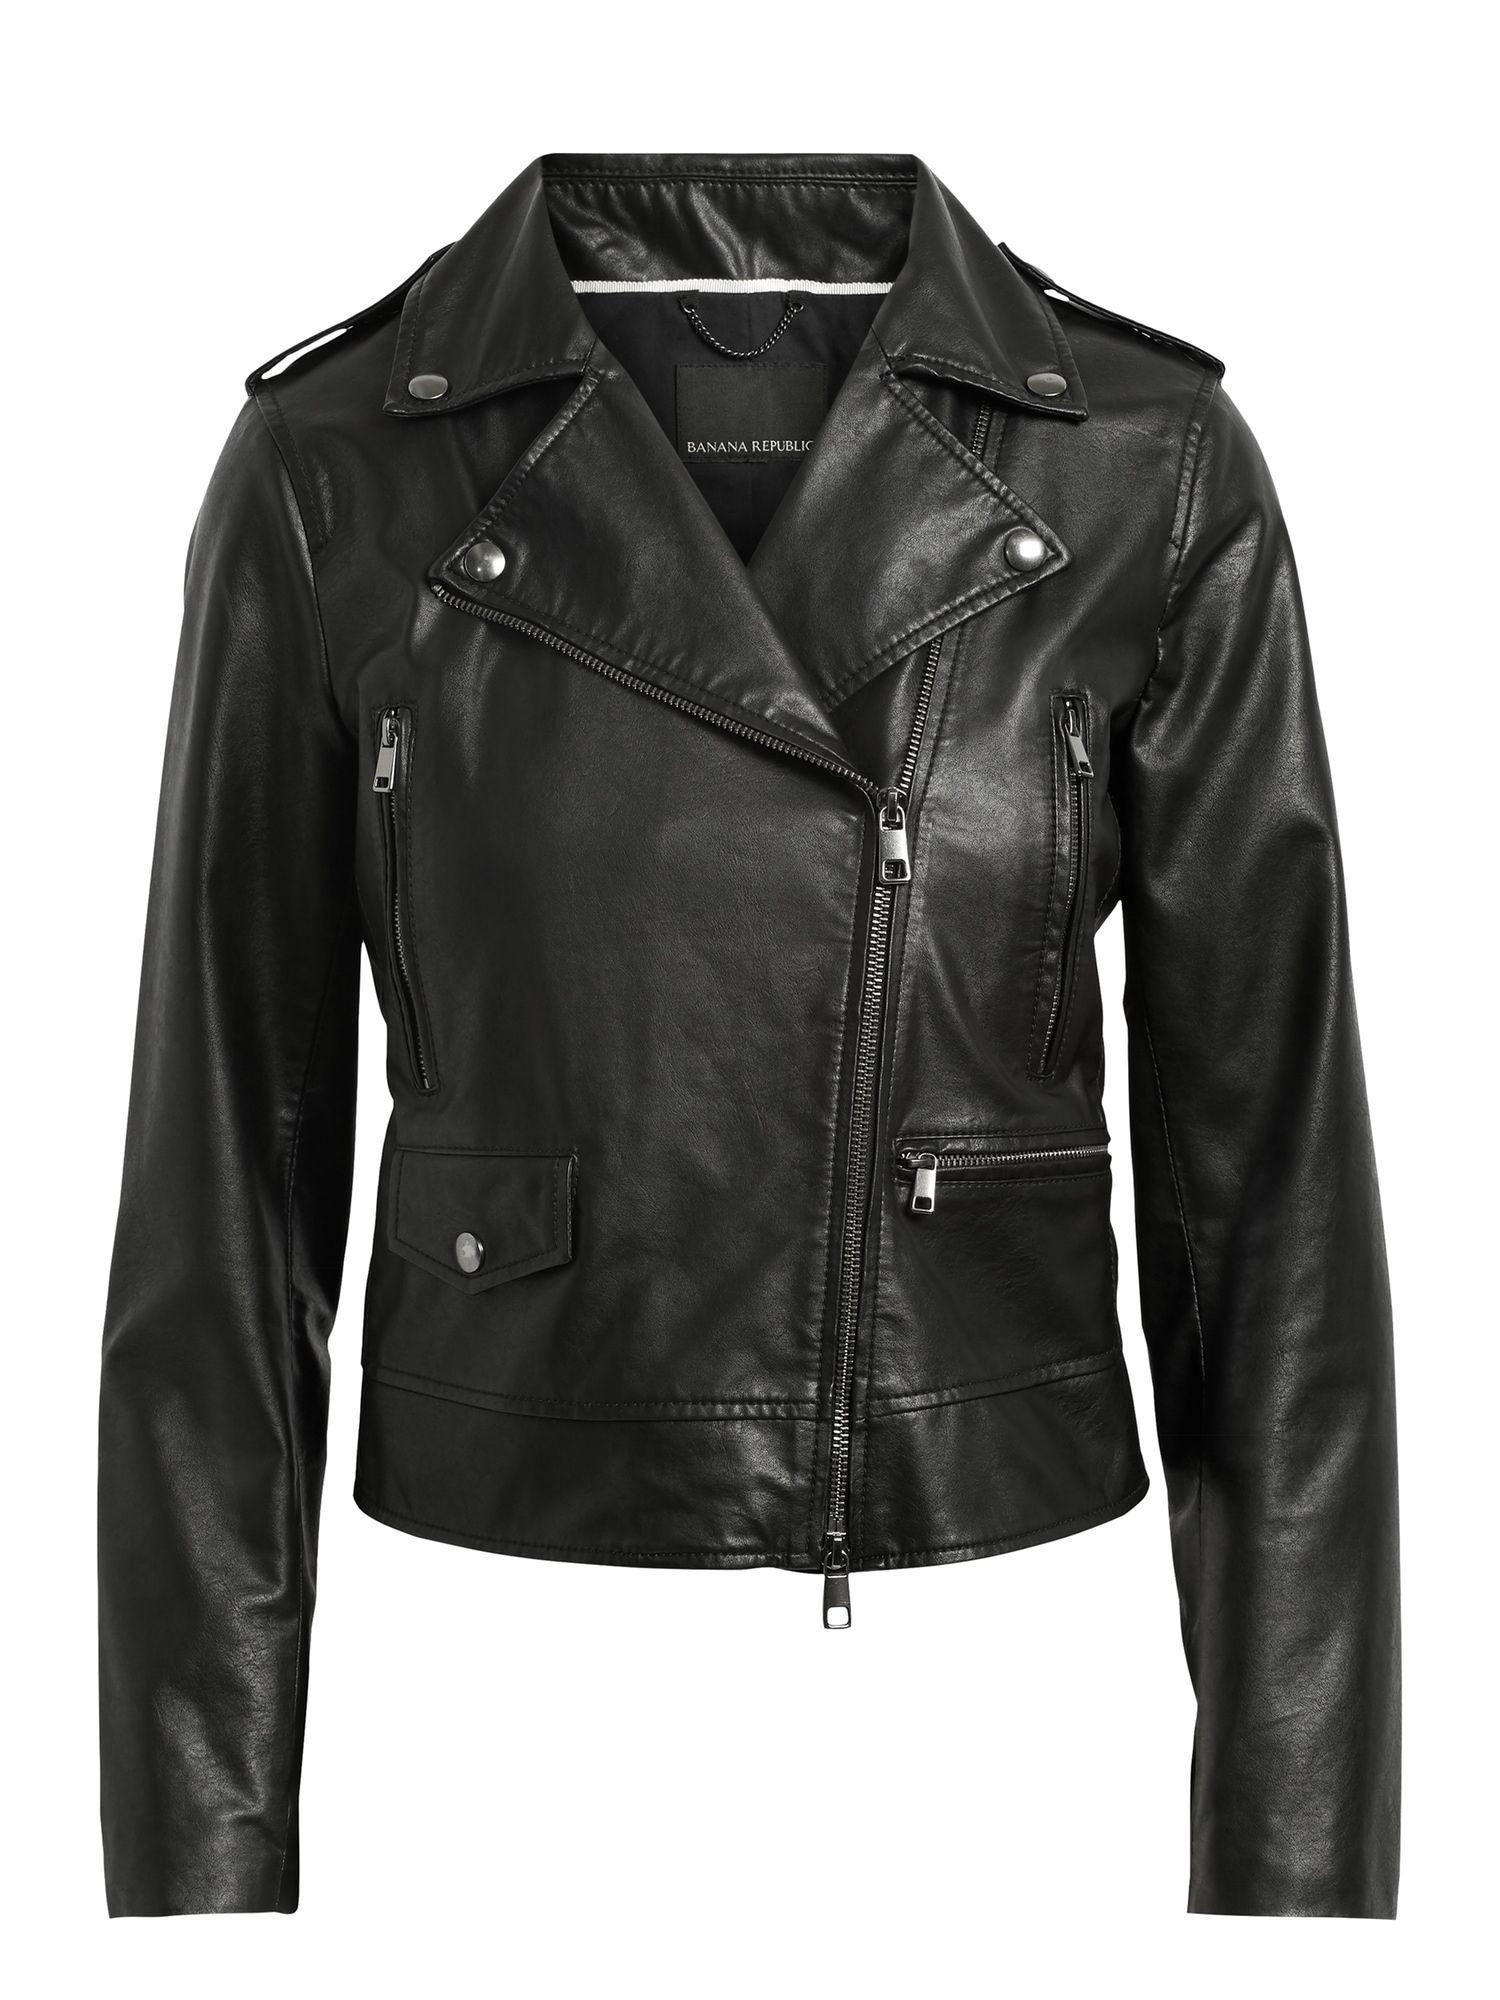 Vegan Leather Moto Jacket Banana Republic (With images